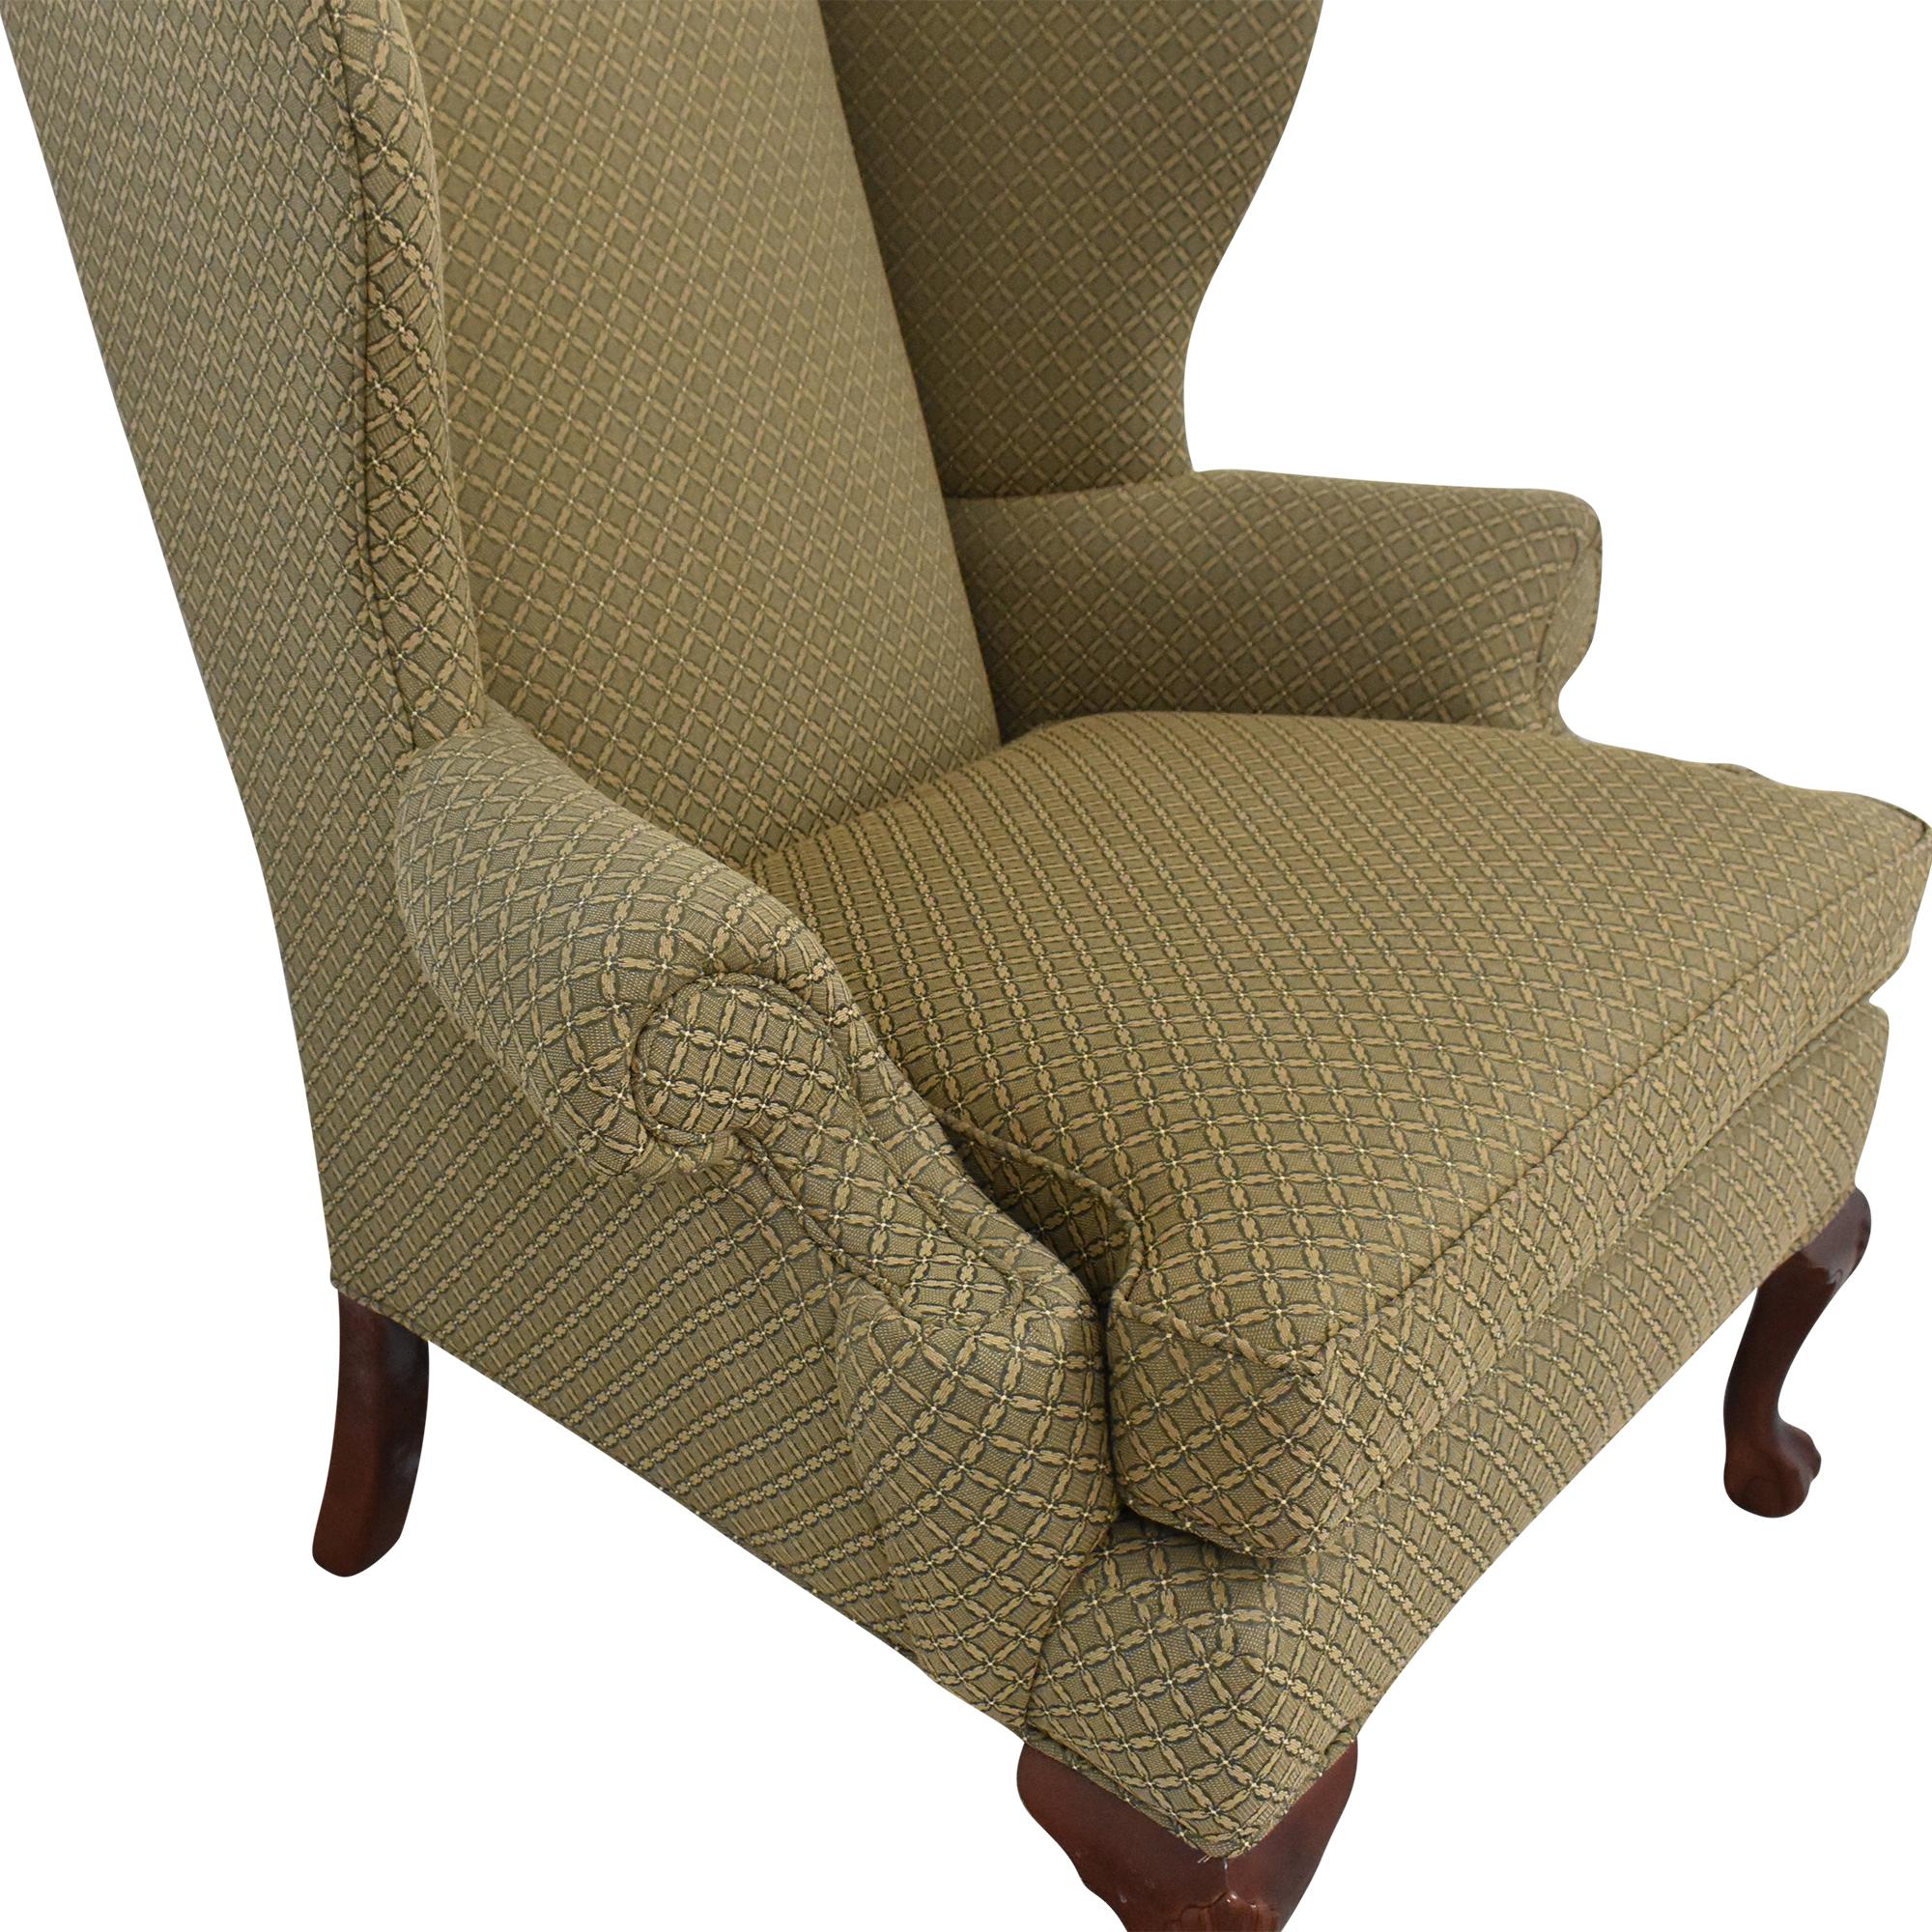 Ethan Allen Ethan Allen Giles Chair coupon